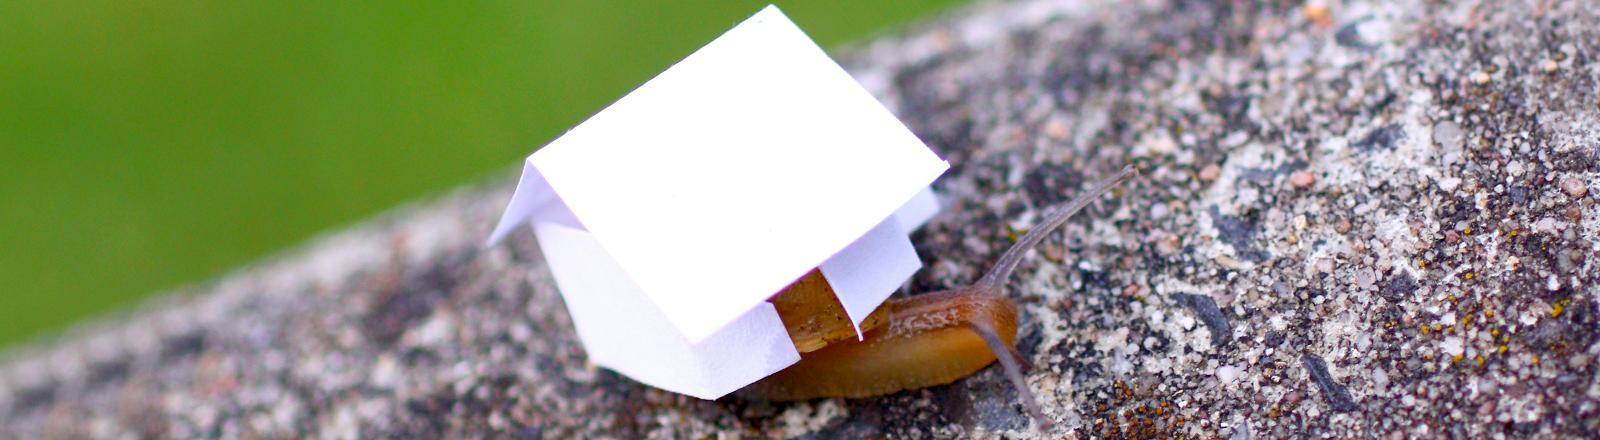 Eine Schnecke mit einem Papierhäuschen